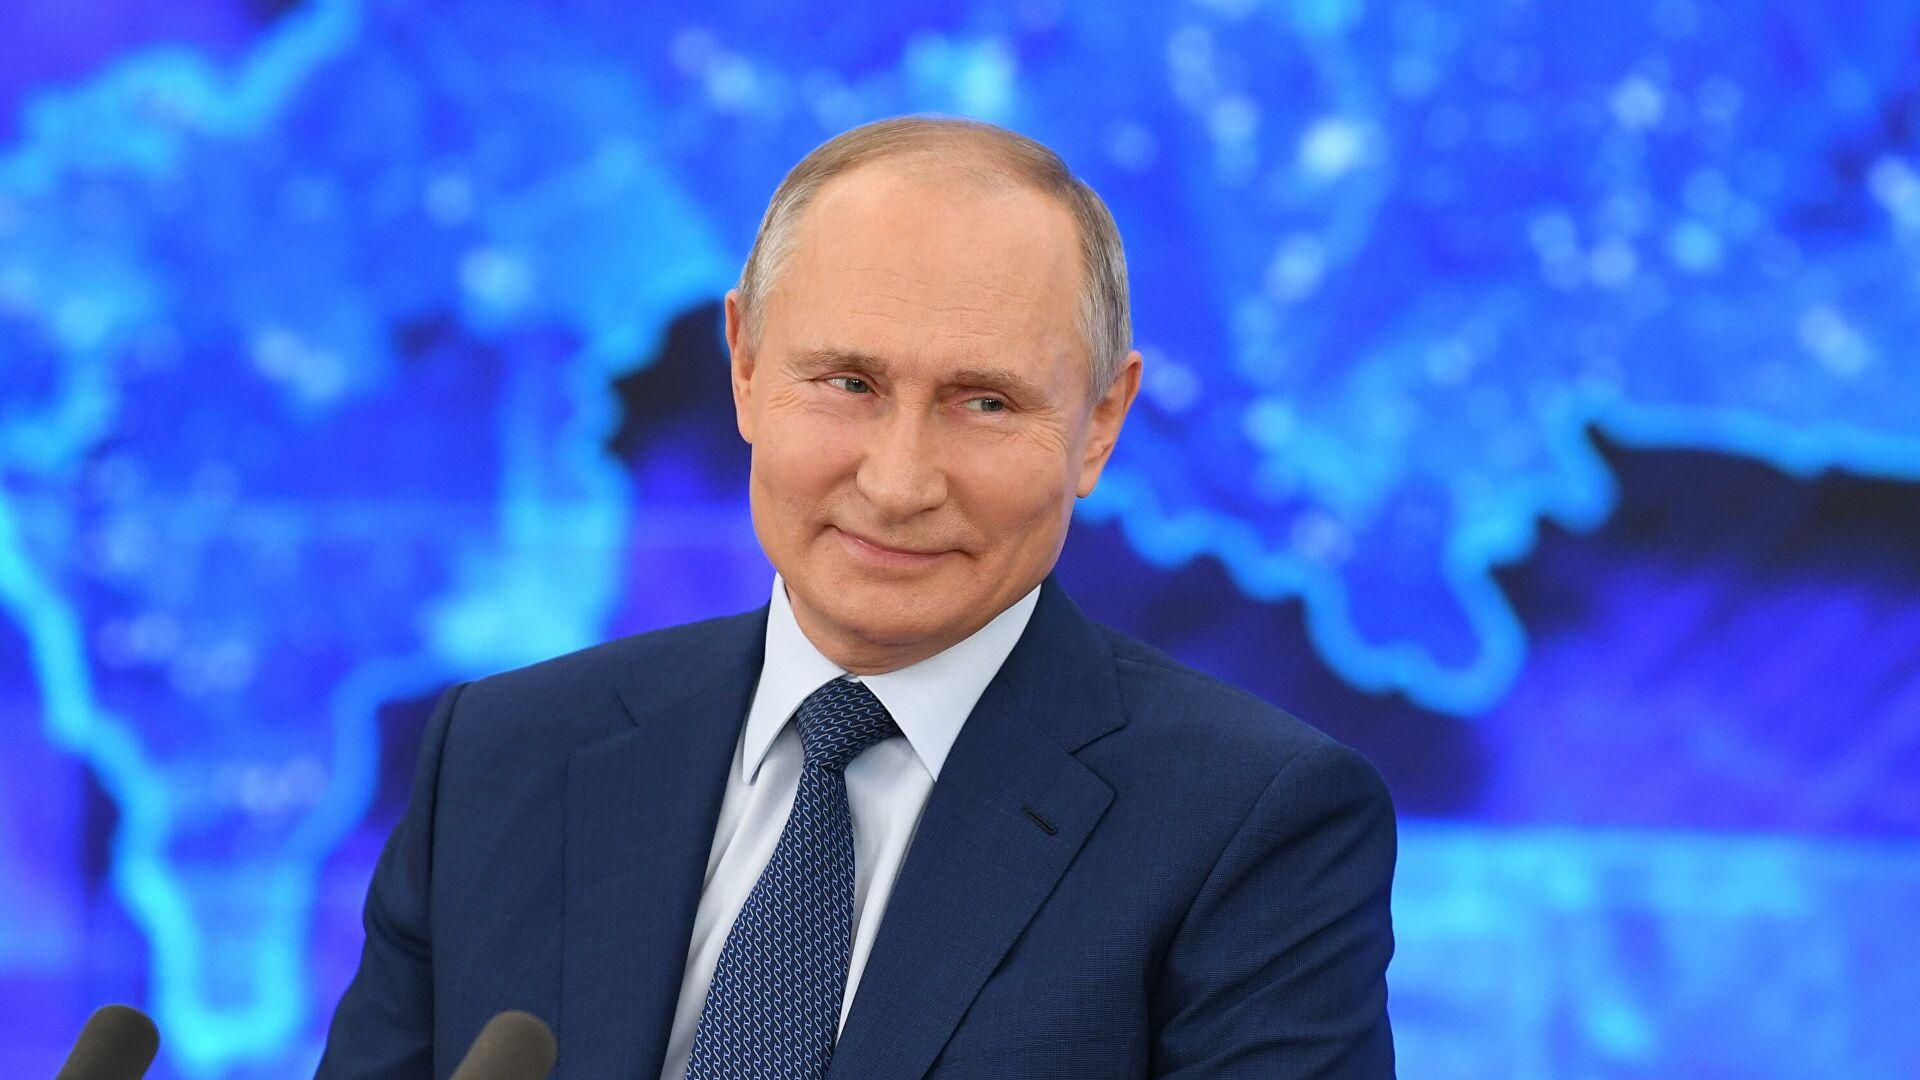 Sportski arbitražni sud u Švajcarskoj zabranio i predsedniku Putinu da prisustvuje olimpijskim i paraolimpijskim igrama